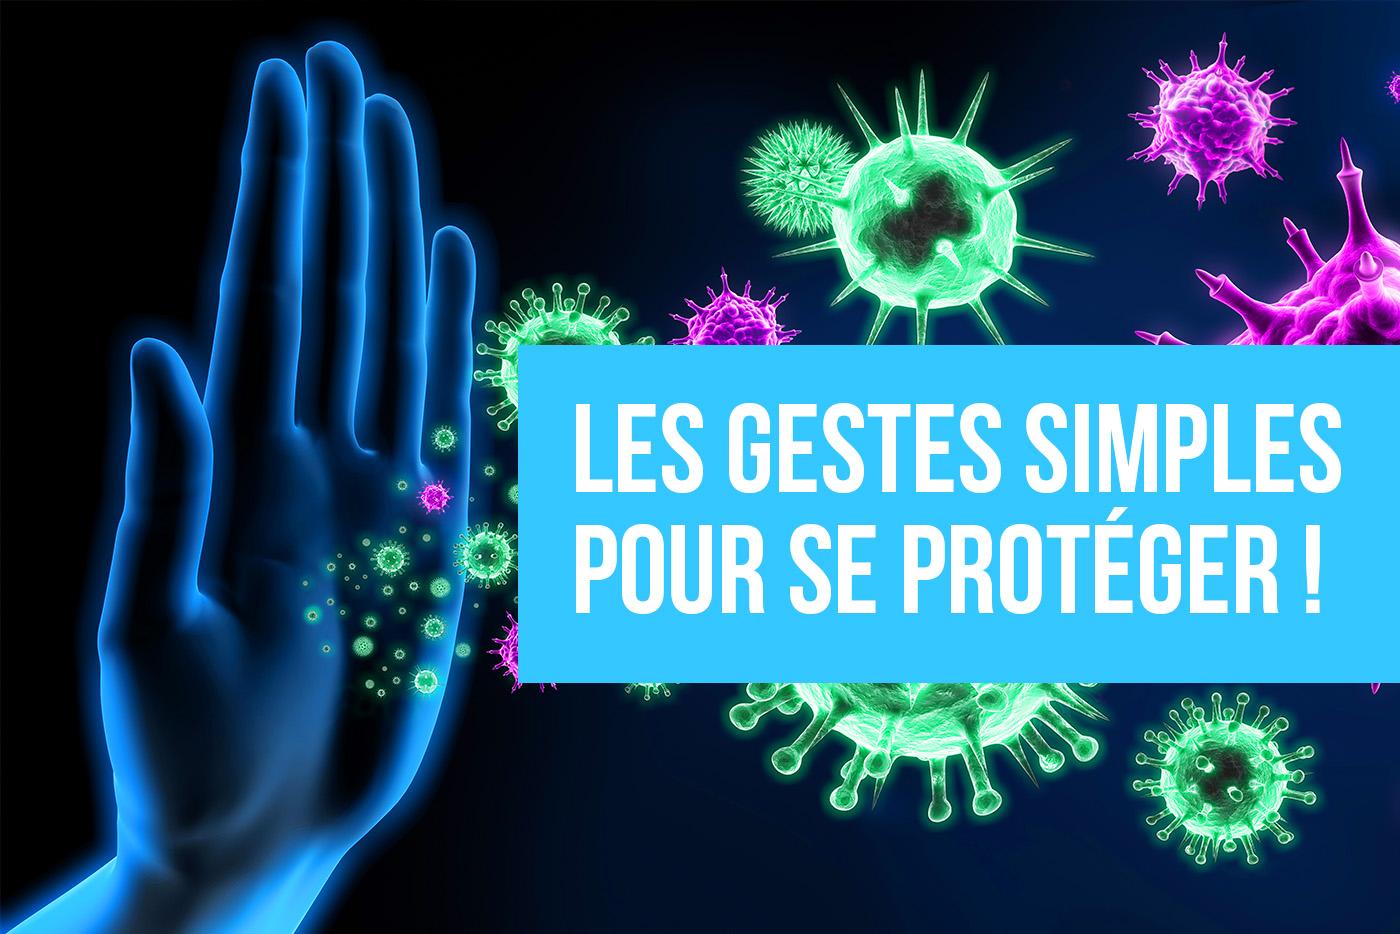 Les gestes simples pour se protéger !